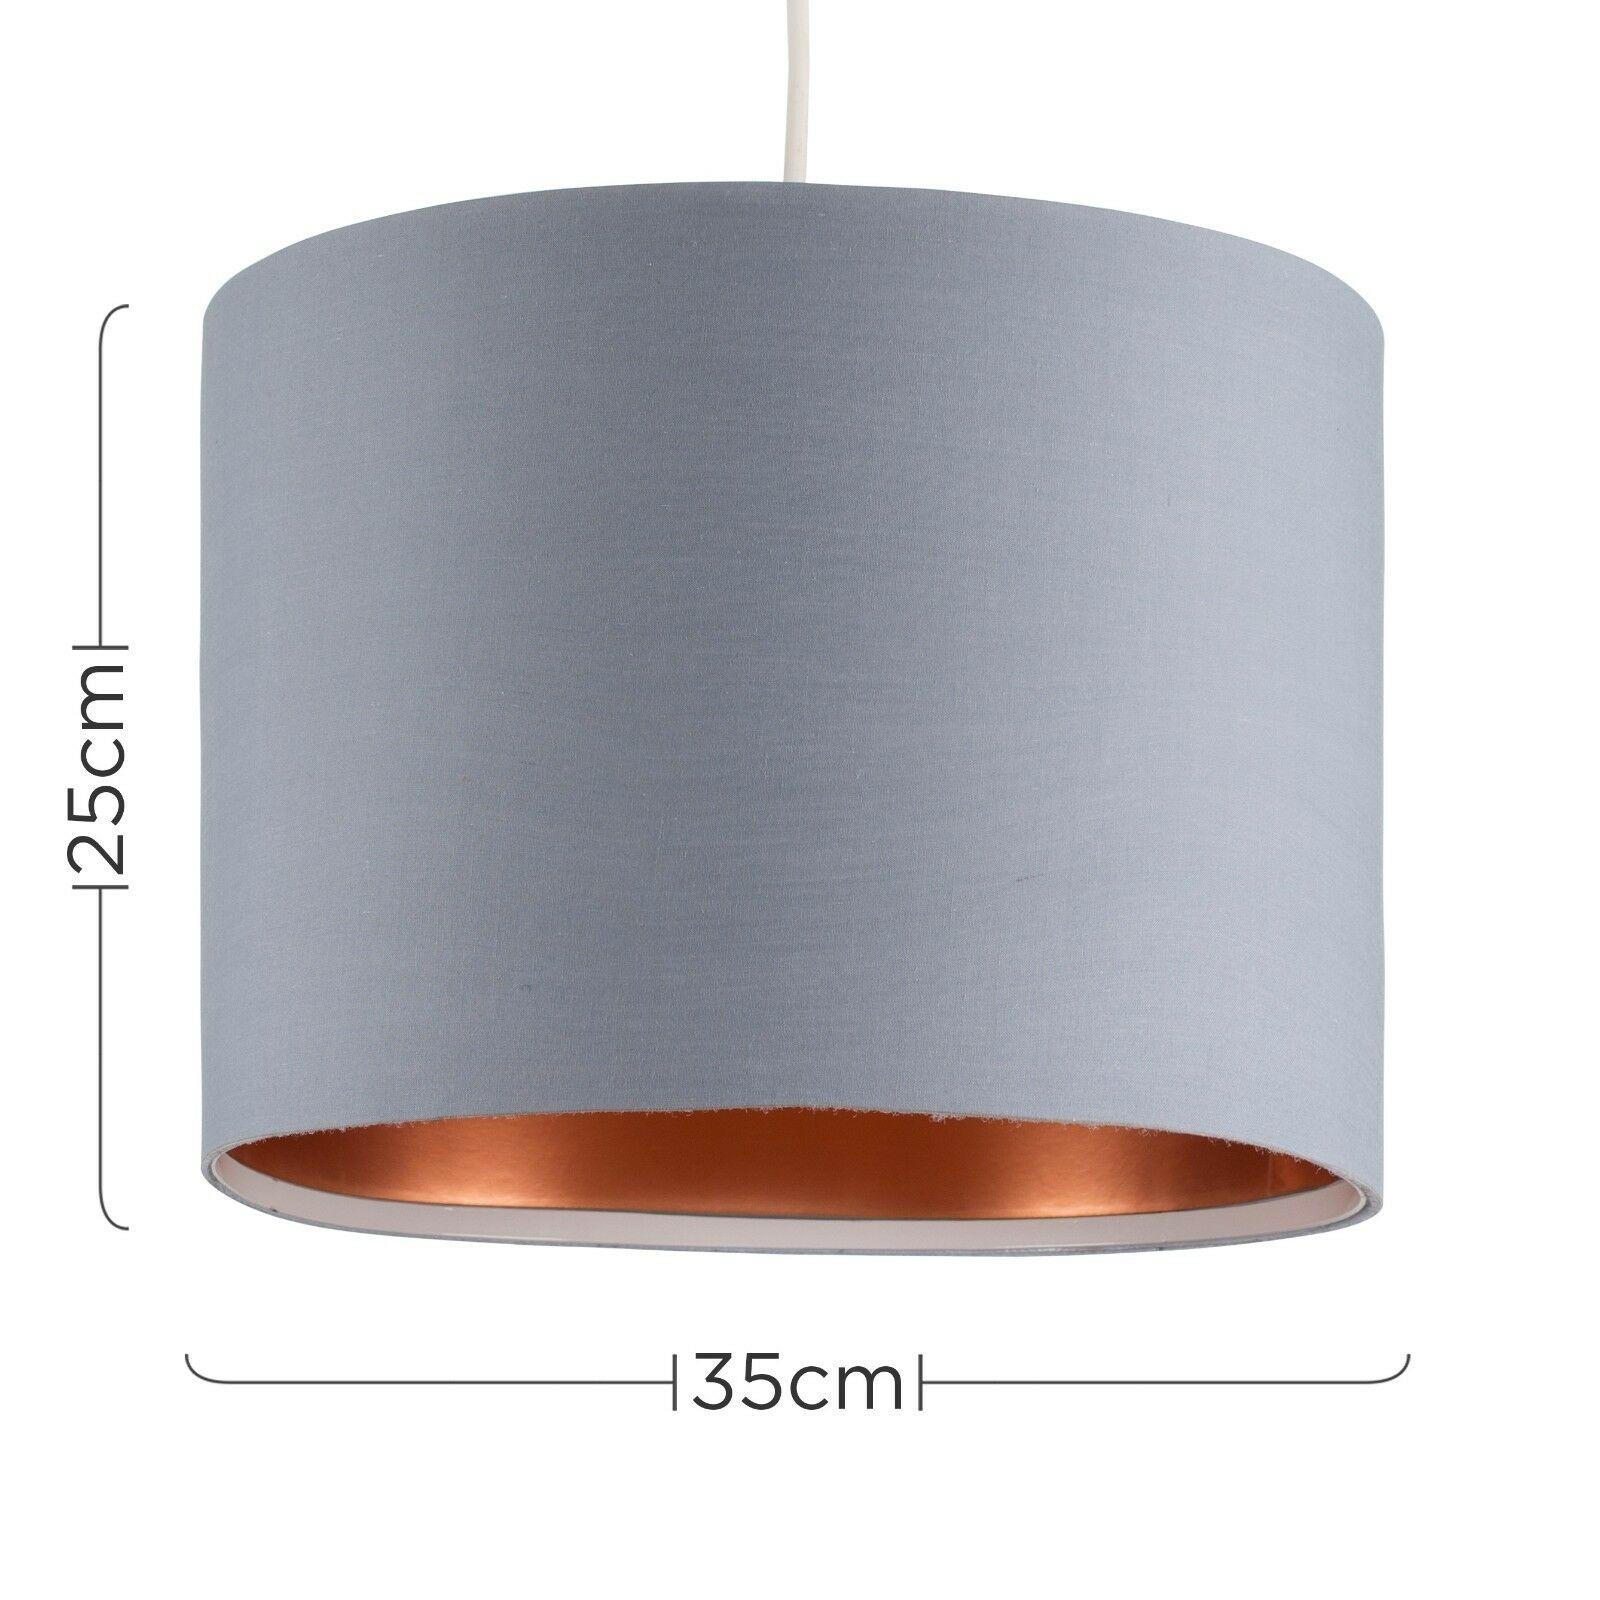 Modern-in-tessuto-cotone-Easy-Fit-Soffitto-Ciondolo-Luce-a-tamburo-Tonalita-Tavolo-Paralume miniatura 134